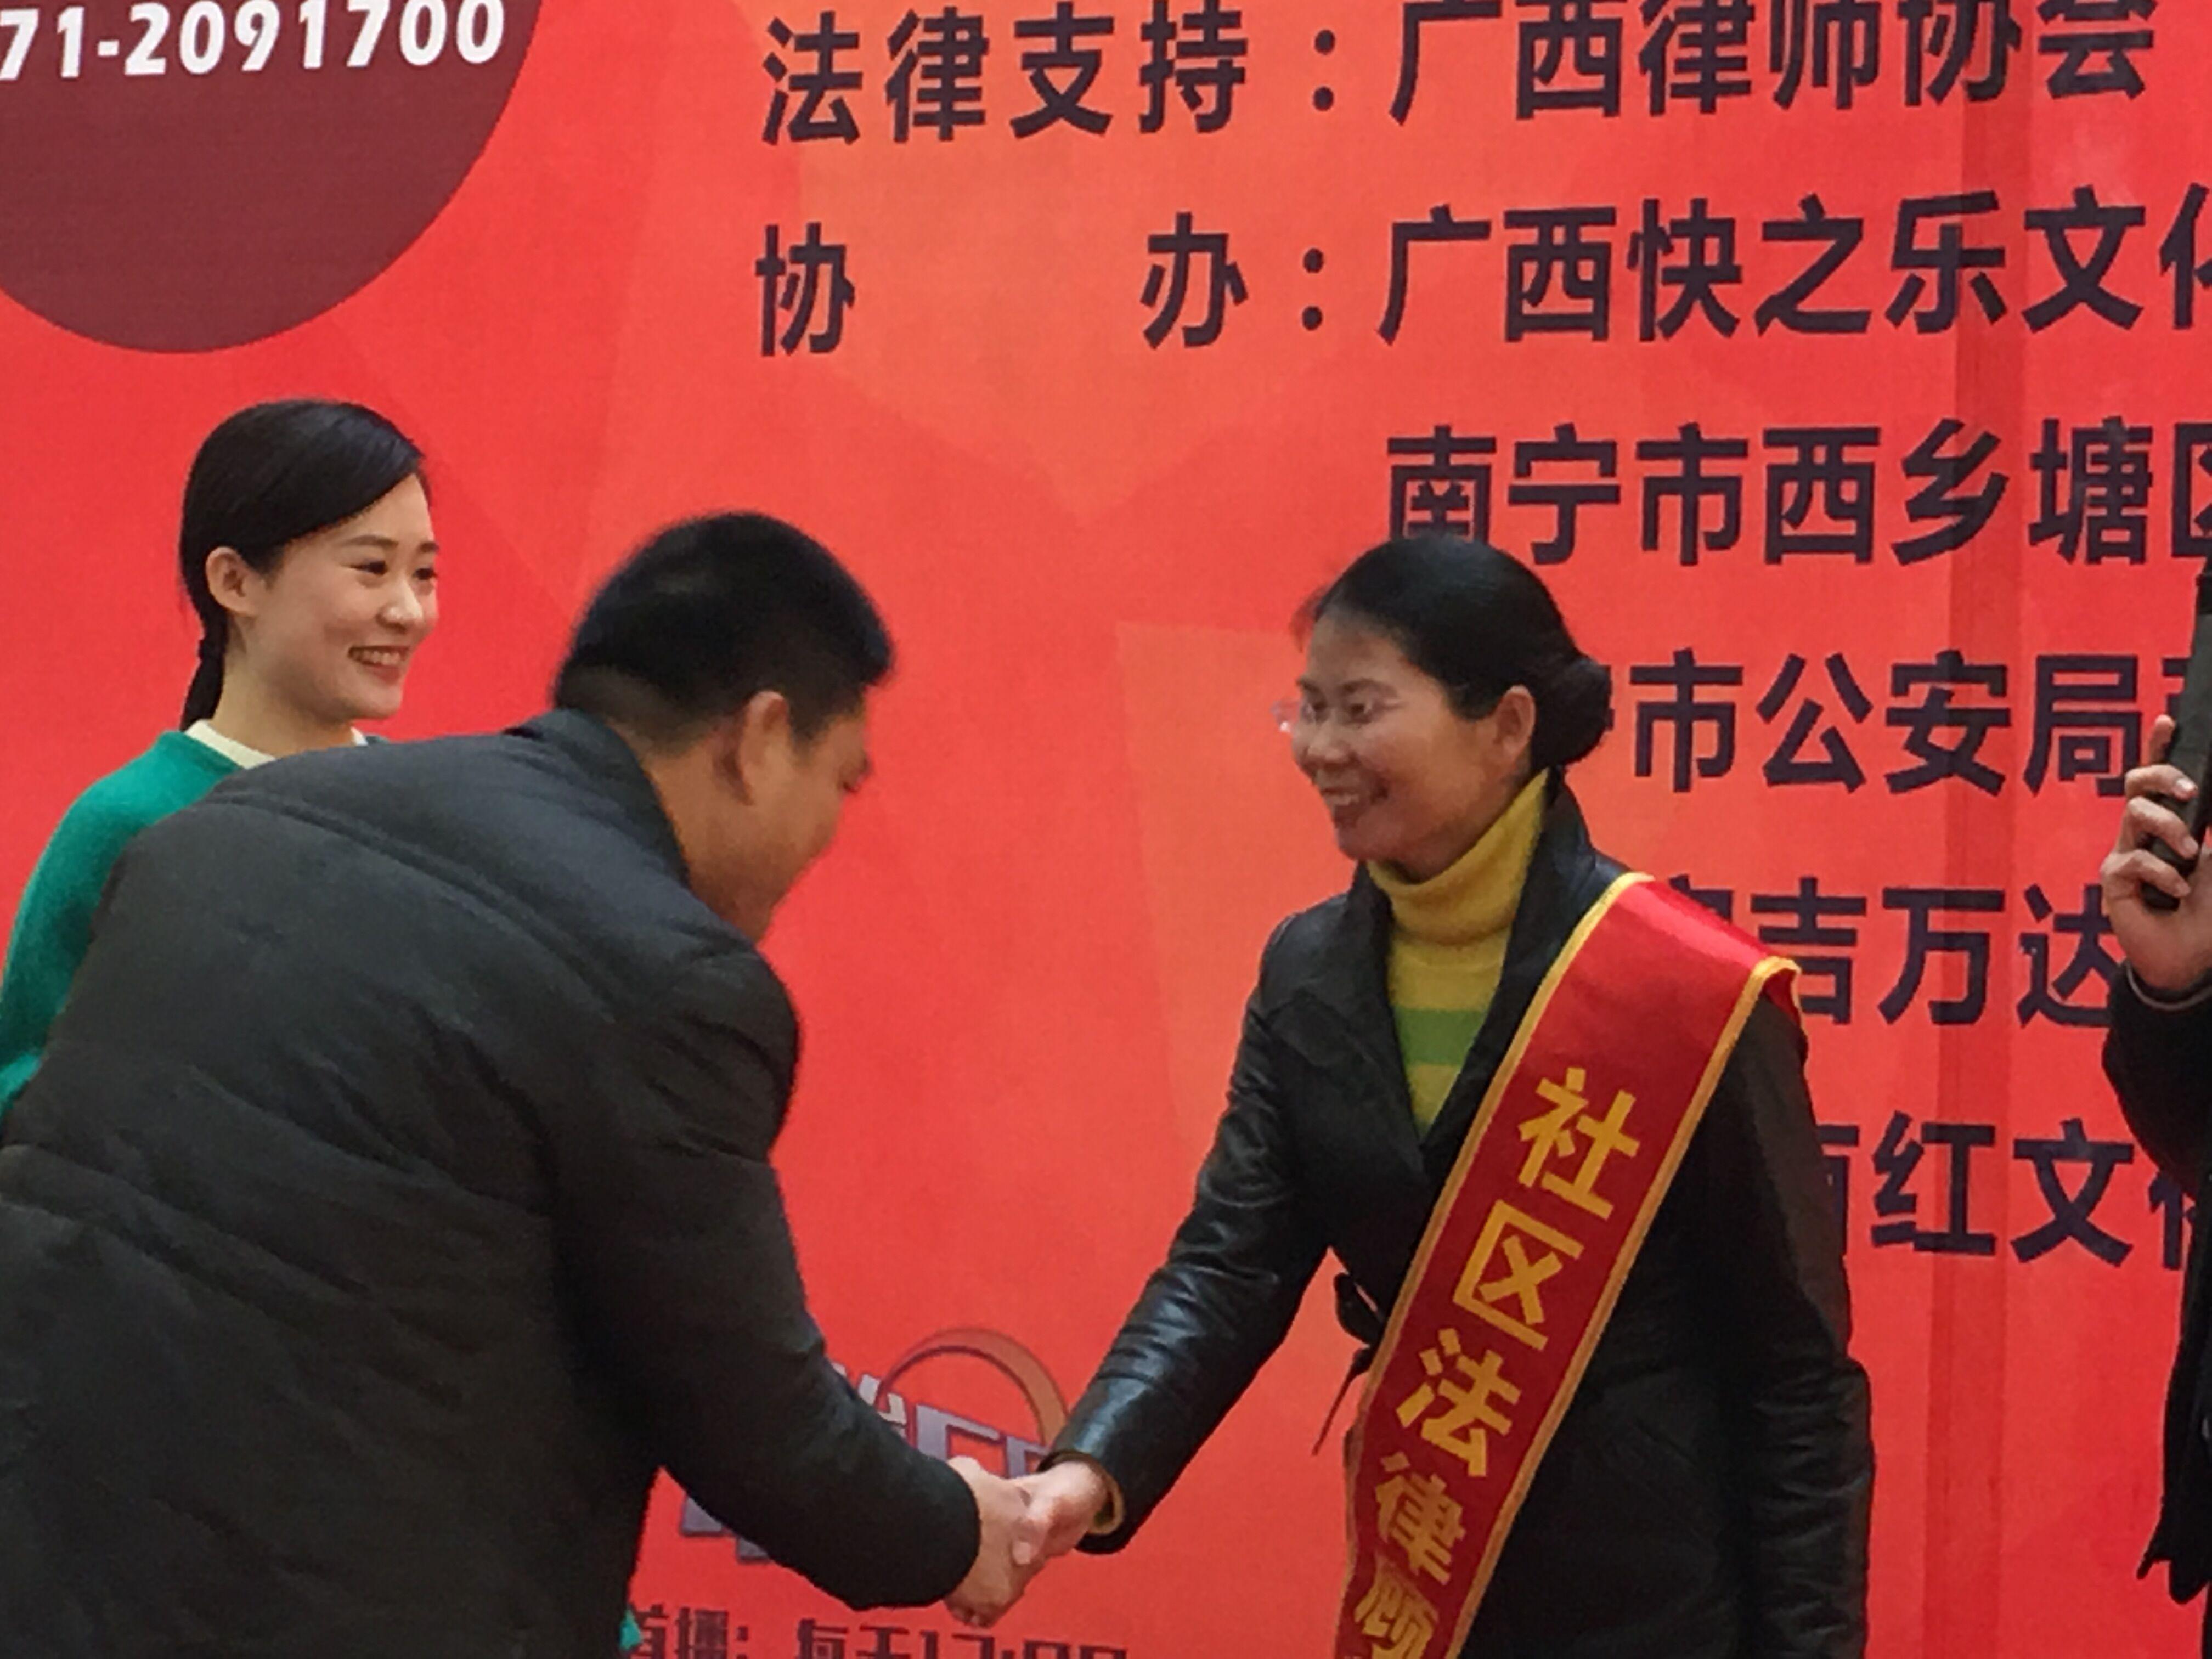 南宁市司法局长授予蒋律师安吉万达社区法律顾问现场照片